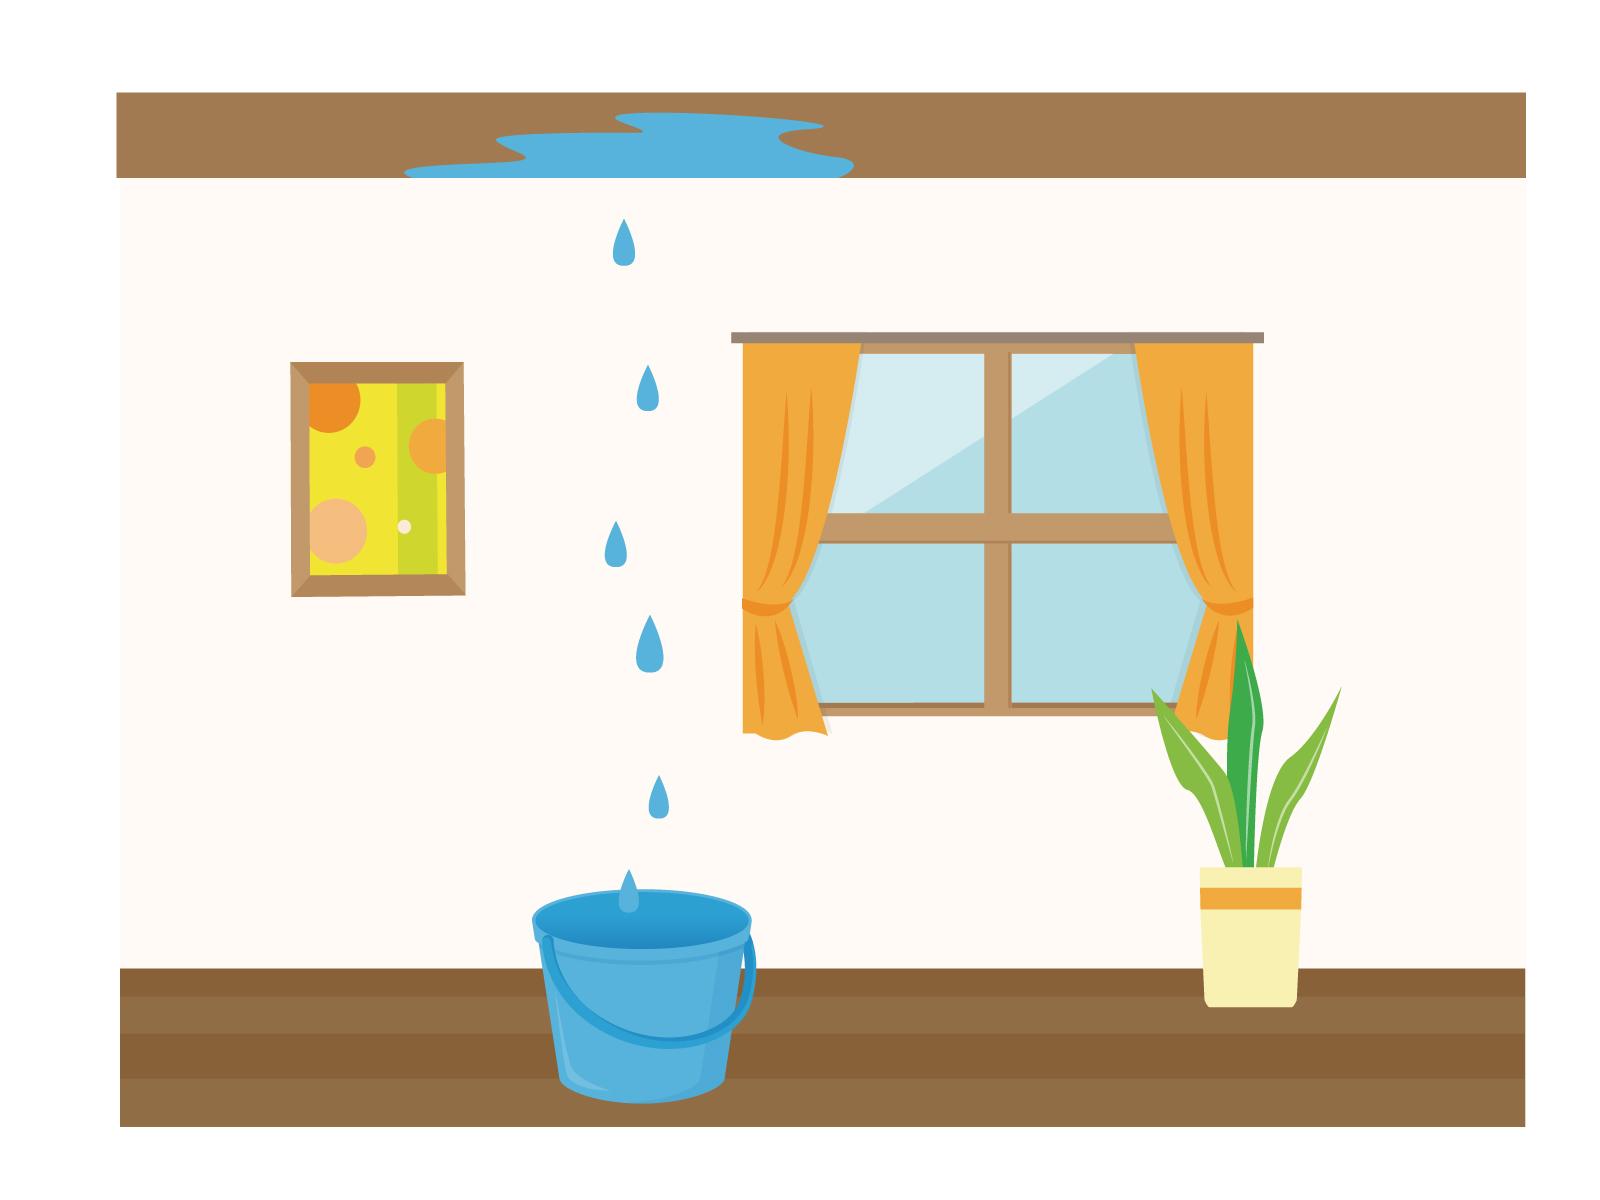 自分でできる!雨漏りの応急処置方法と業者に依頼する3つのポイント